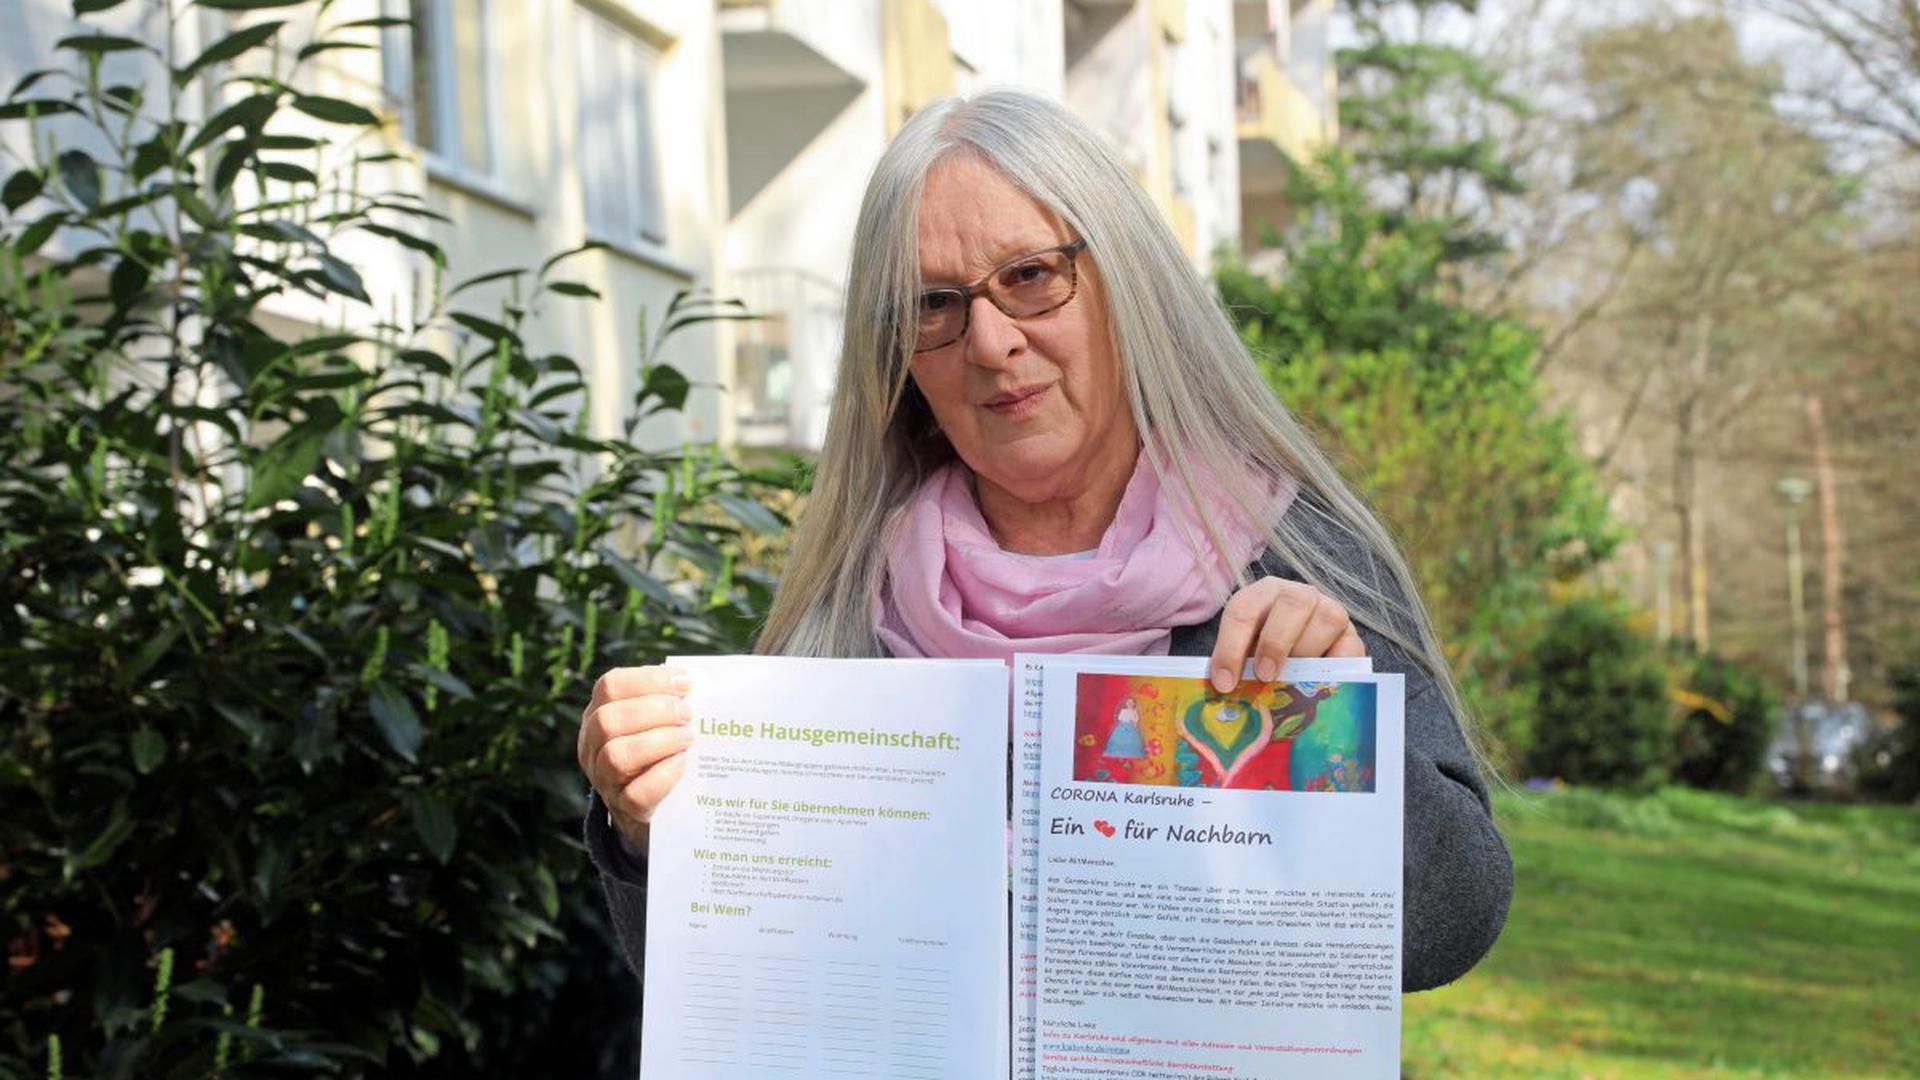 Helferin und Betroffene: Monika Seelmann hat eine eigene Initiative zur Nachbarschaftshilfe gestartet: Im Internet, am Telefon und in Form von Flyern.